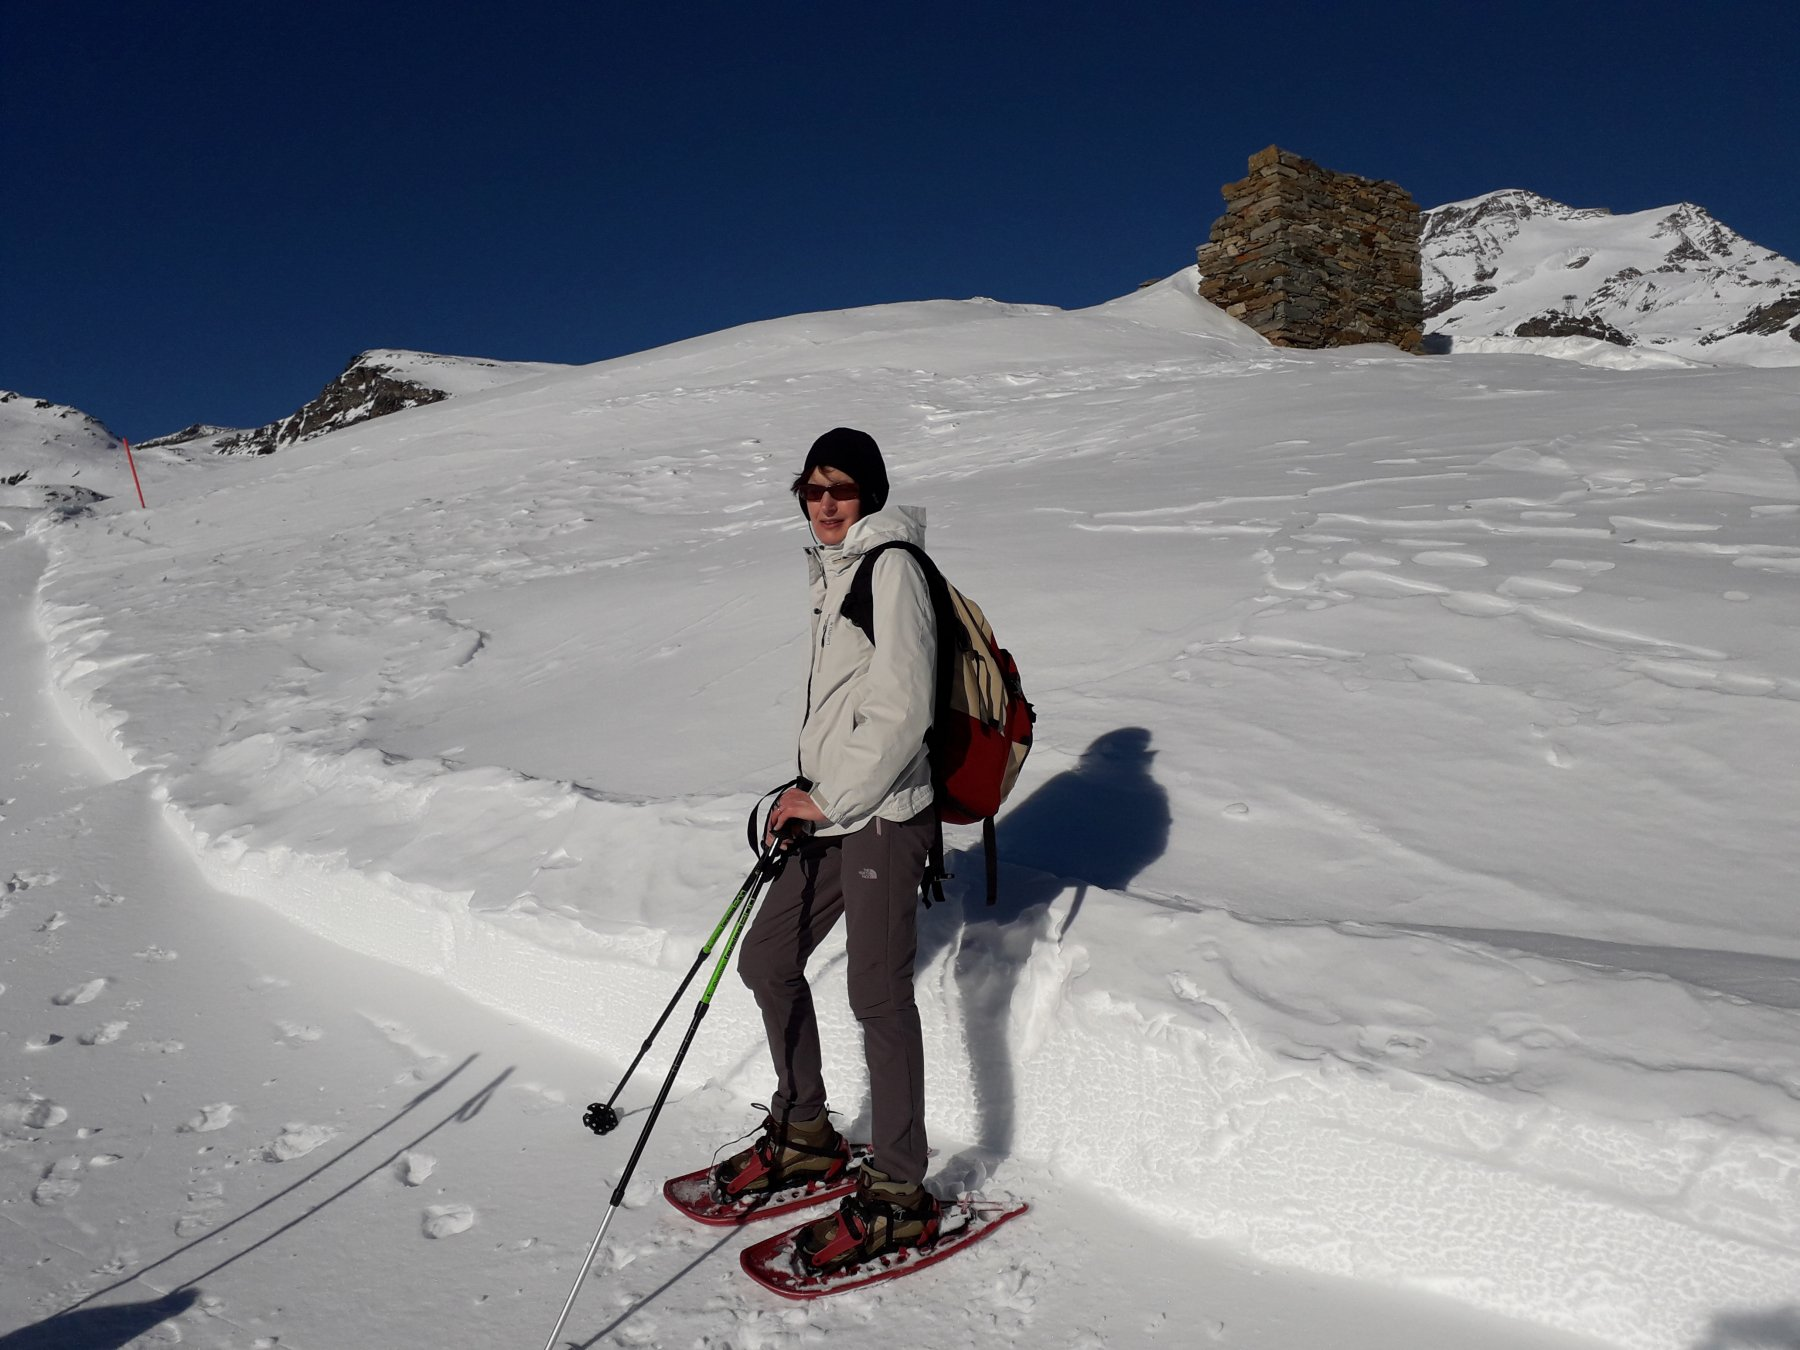 Appena superate le piste da sci